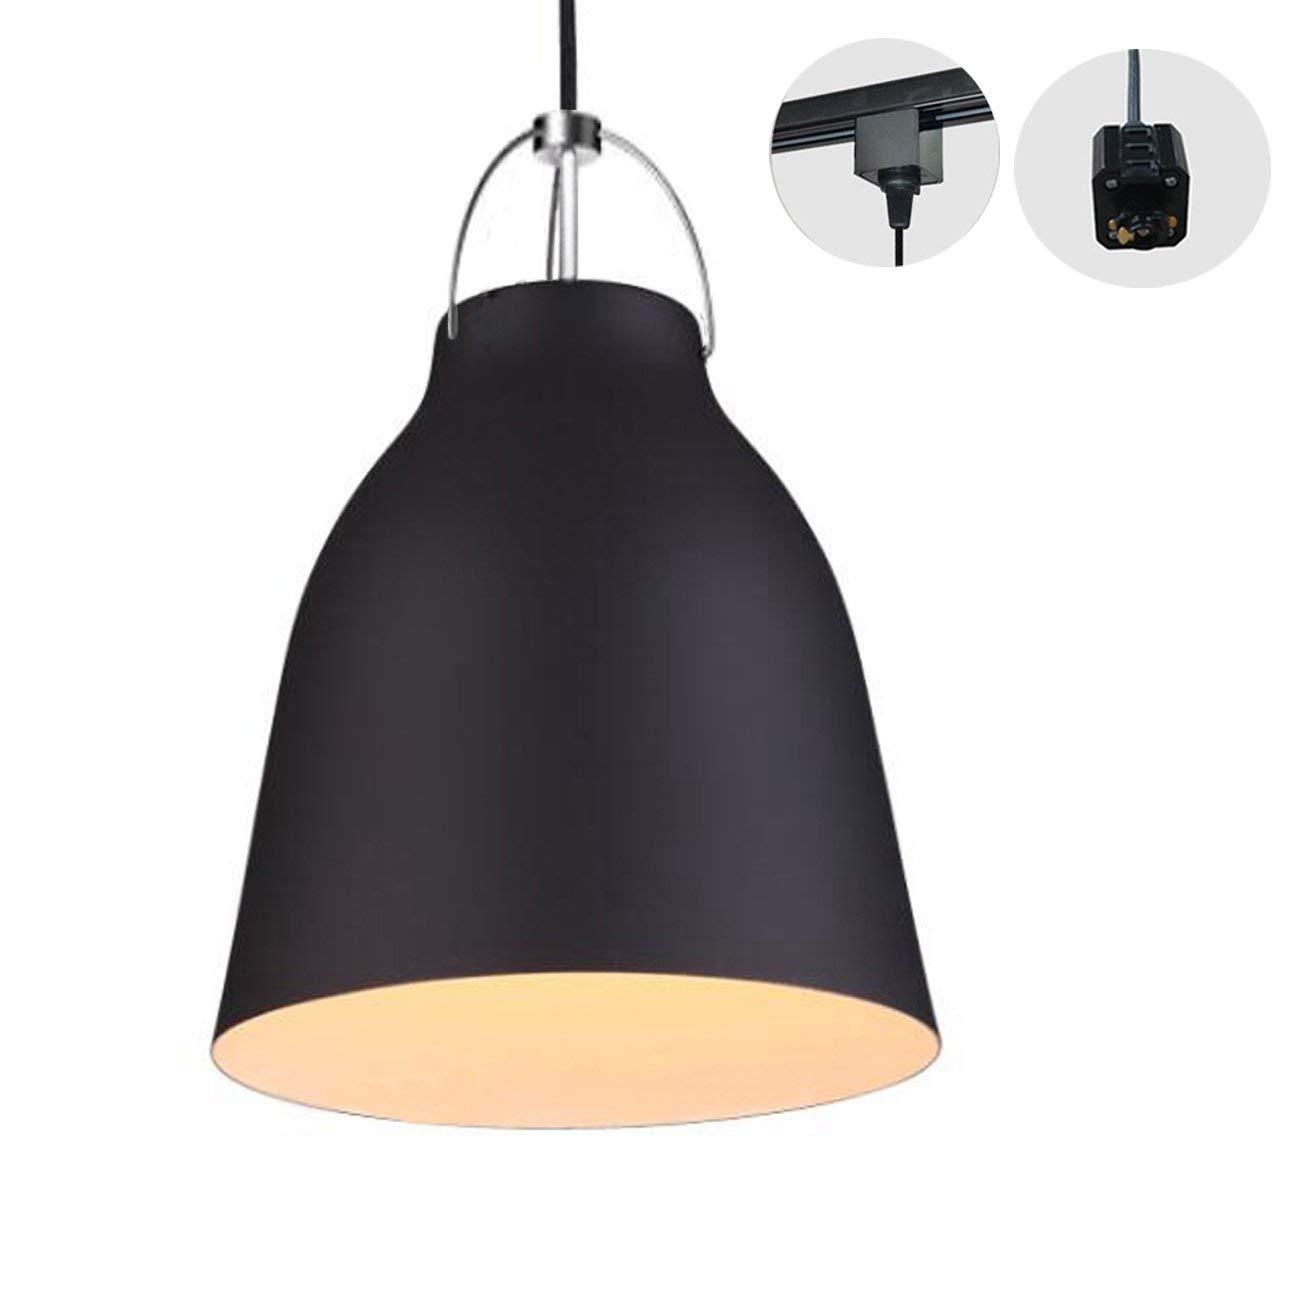 H-Type 3 Wire Metal Pail Track Light Pendants Length 1.5m Restaurant Chandelier Deco Chandelier Instant Pendant Fixture,Bulb Not Include,Retro Industrial Pendant Lamp (TB0263-B)